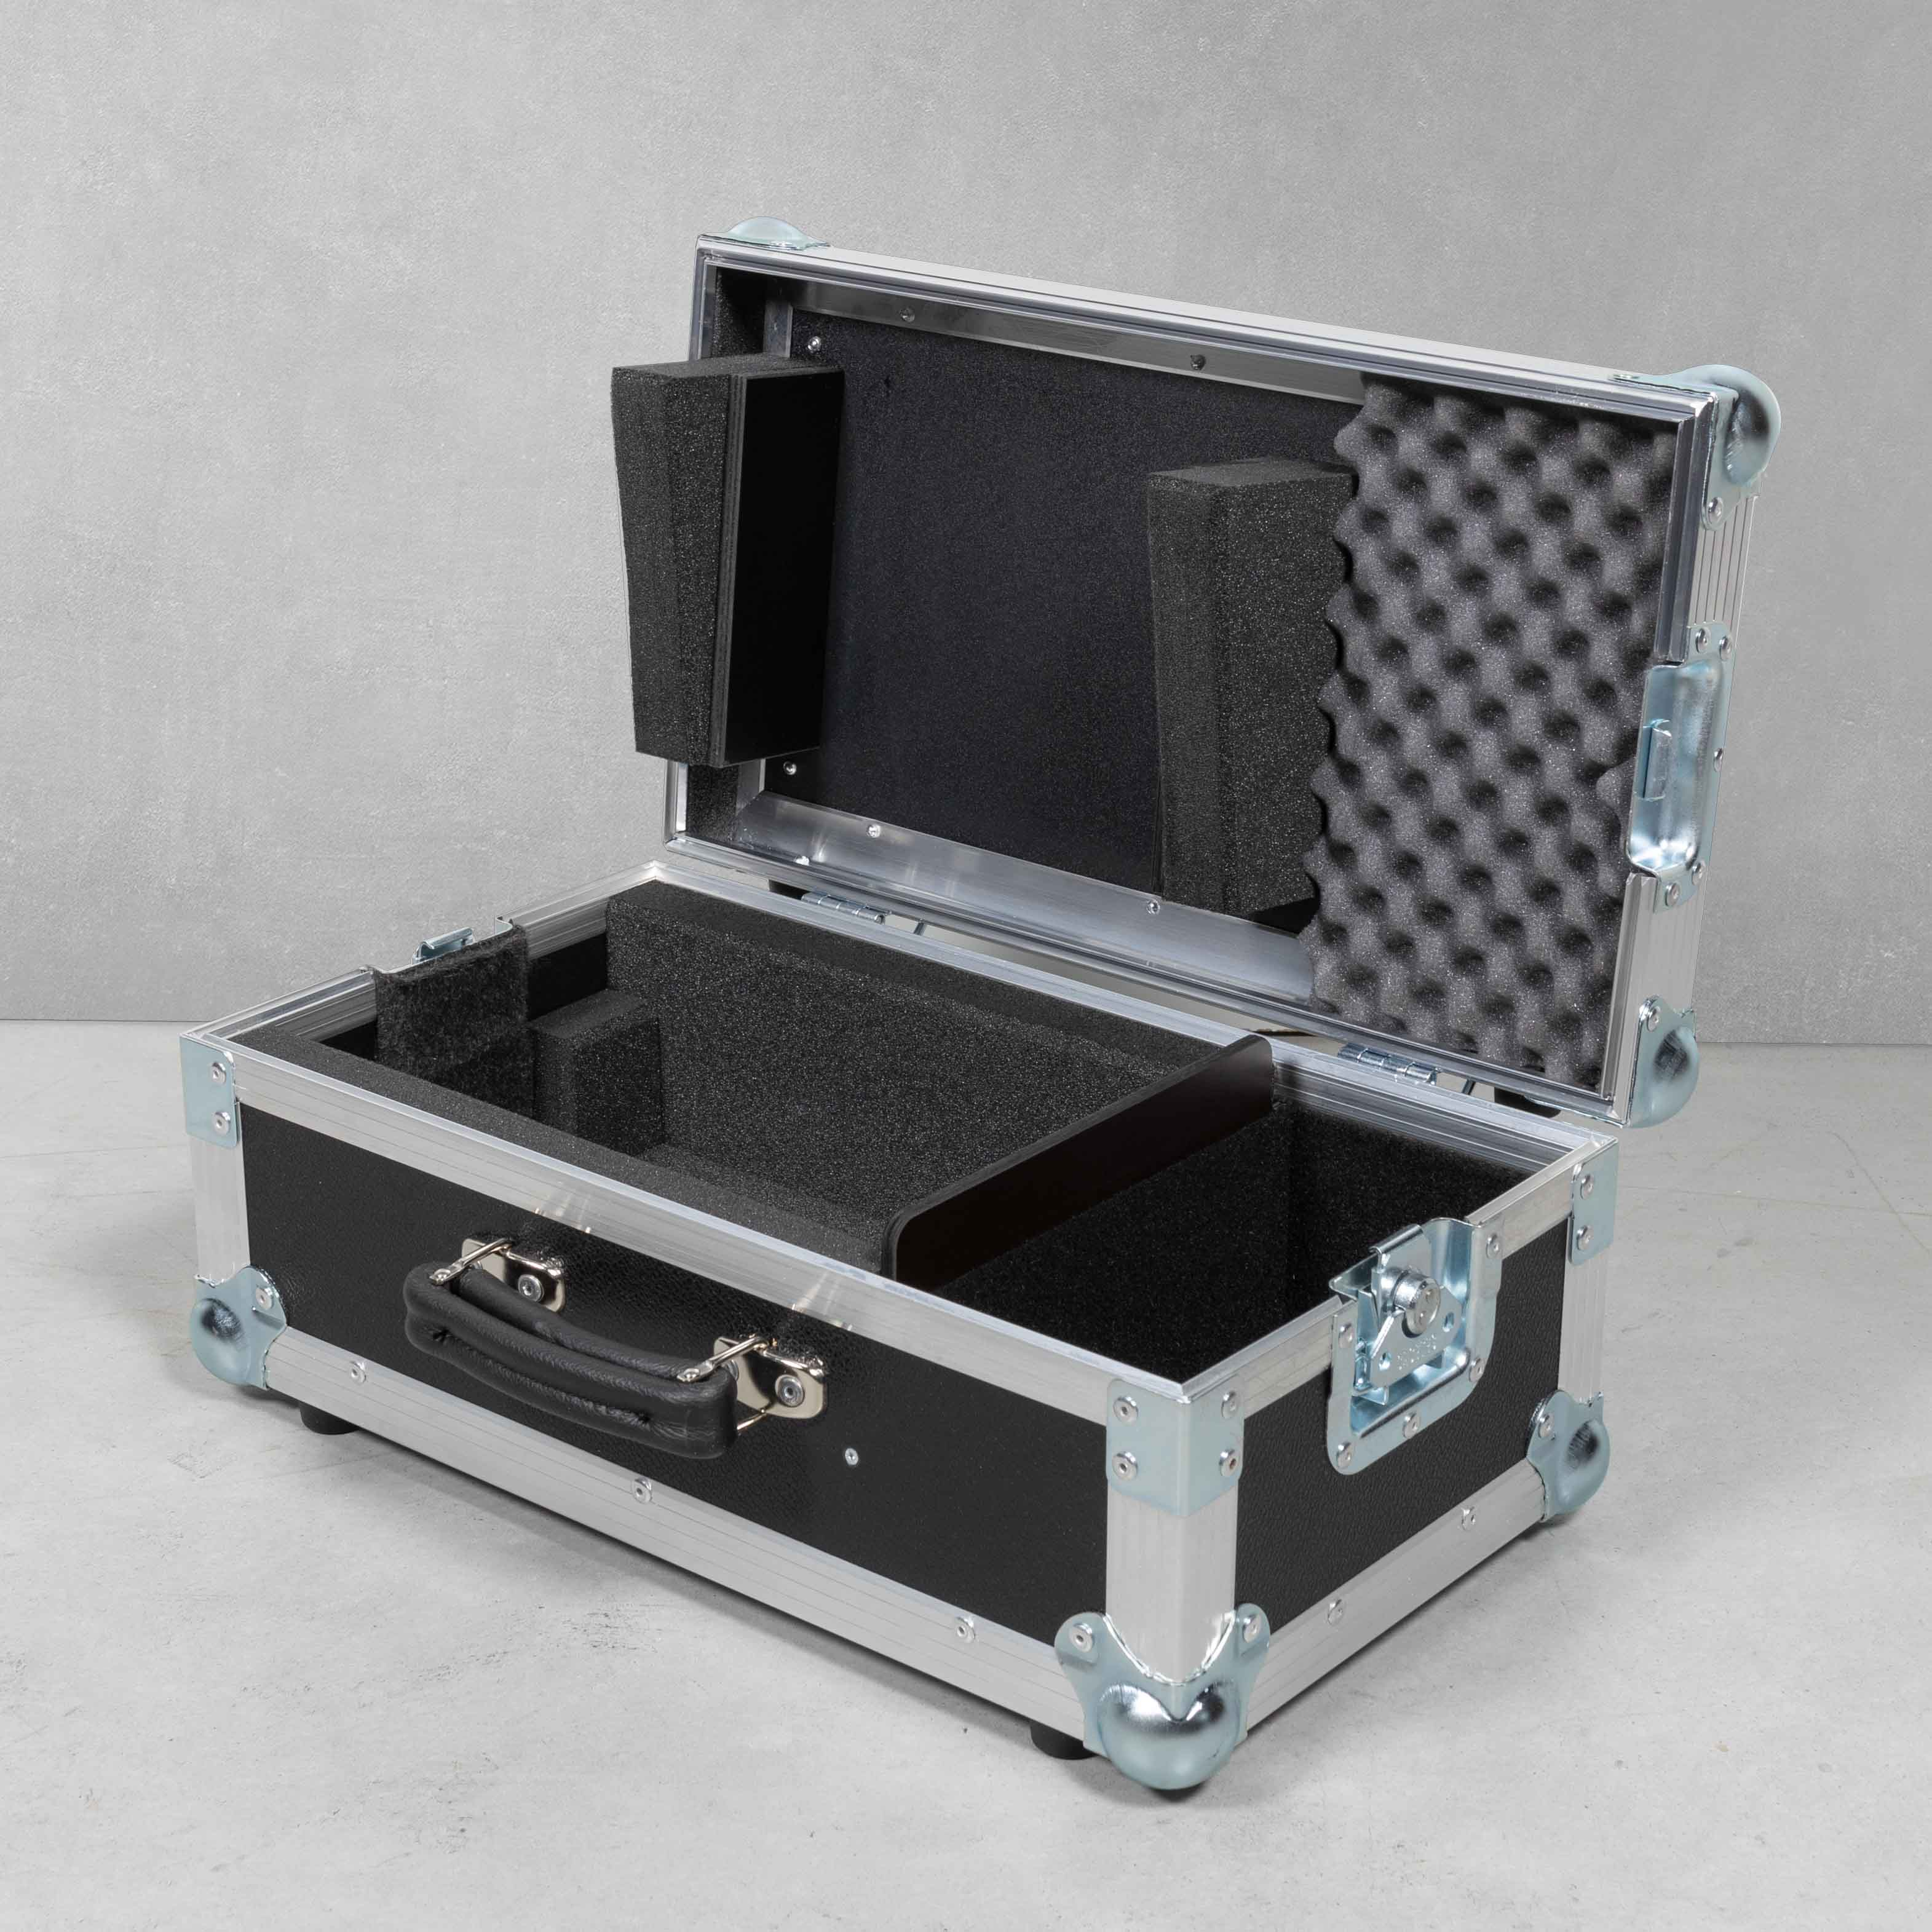 Flightcase für einen Bildmischer SKAARHOJ PTZ Pro